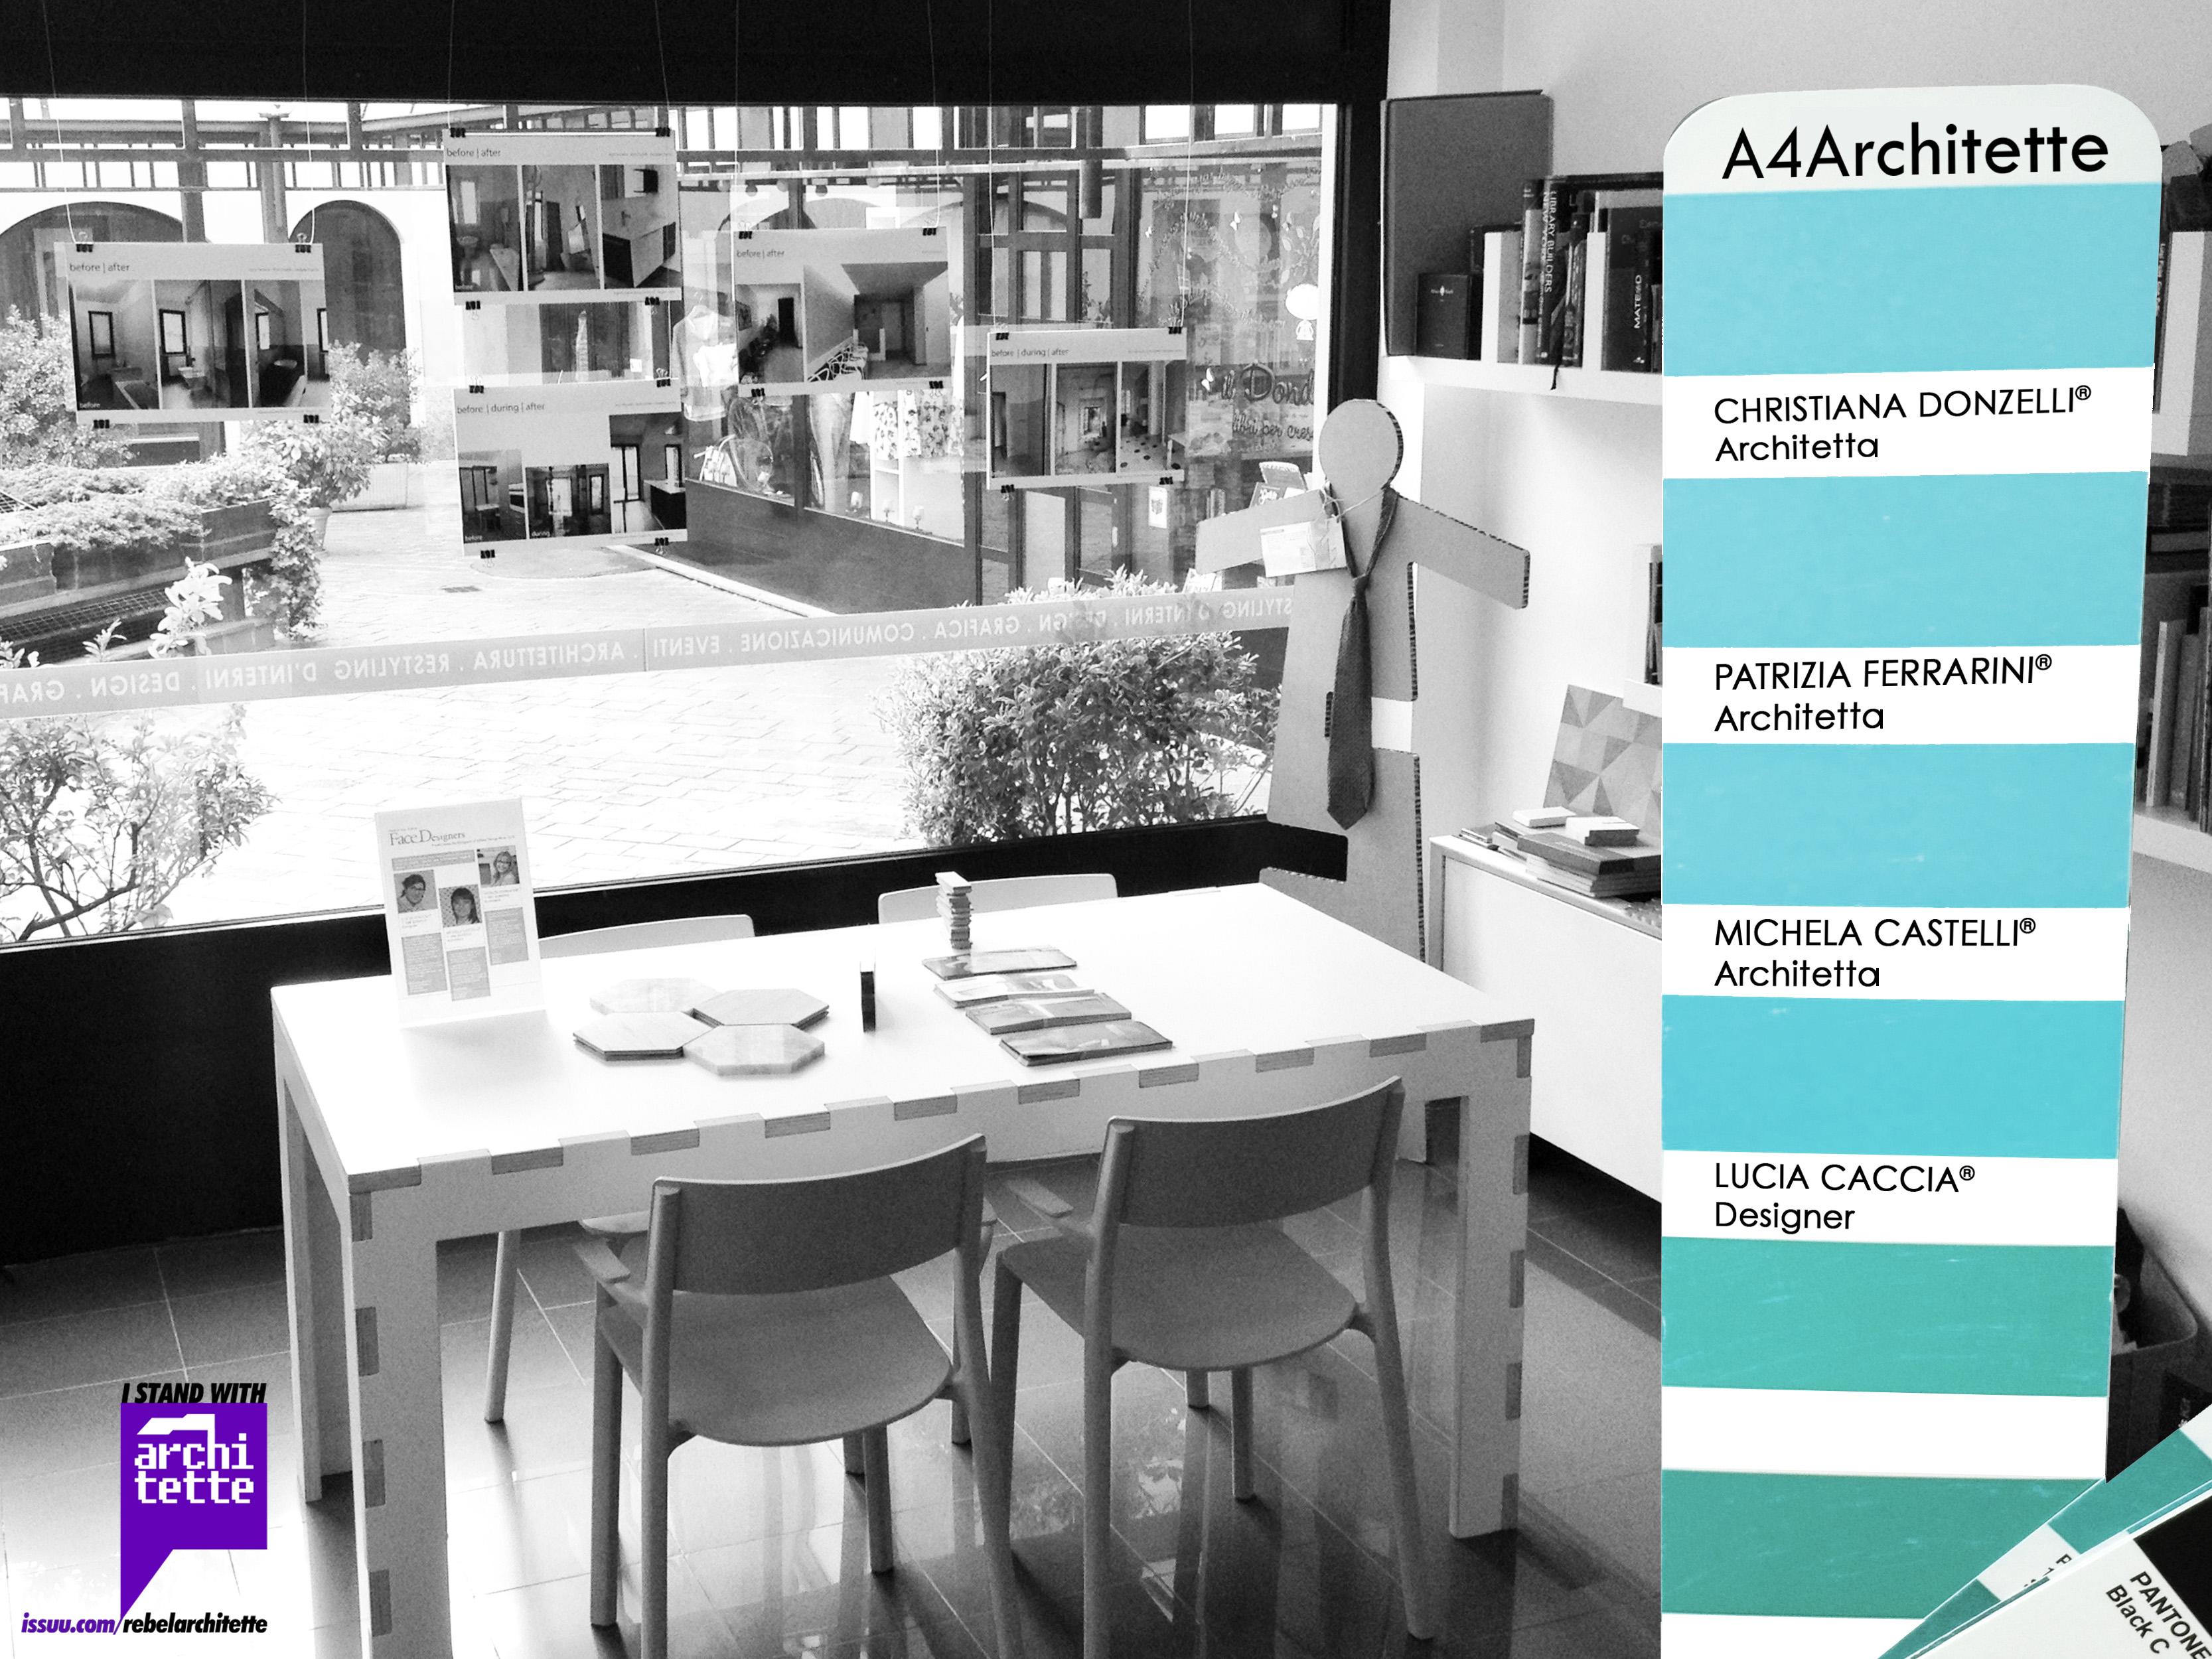 Fotografia dello studio di architettura